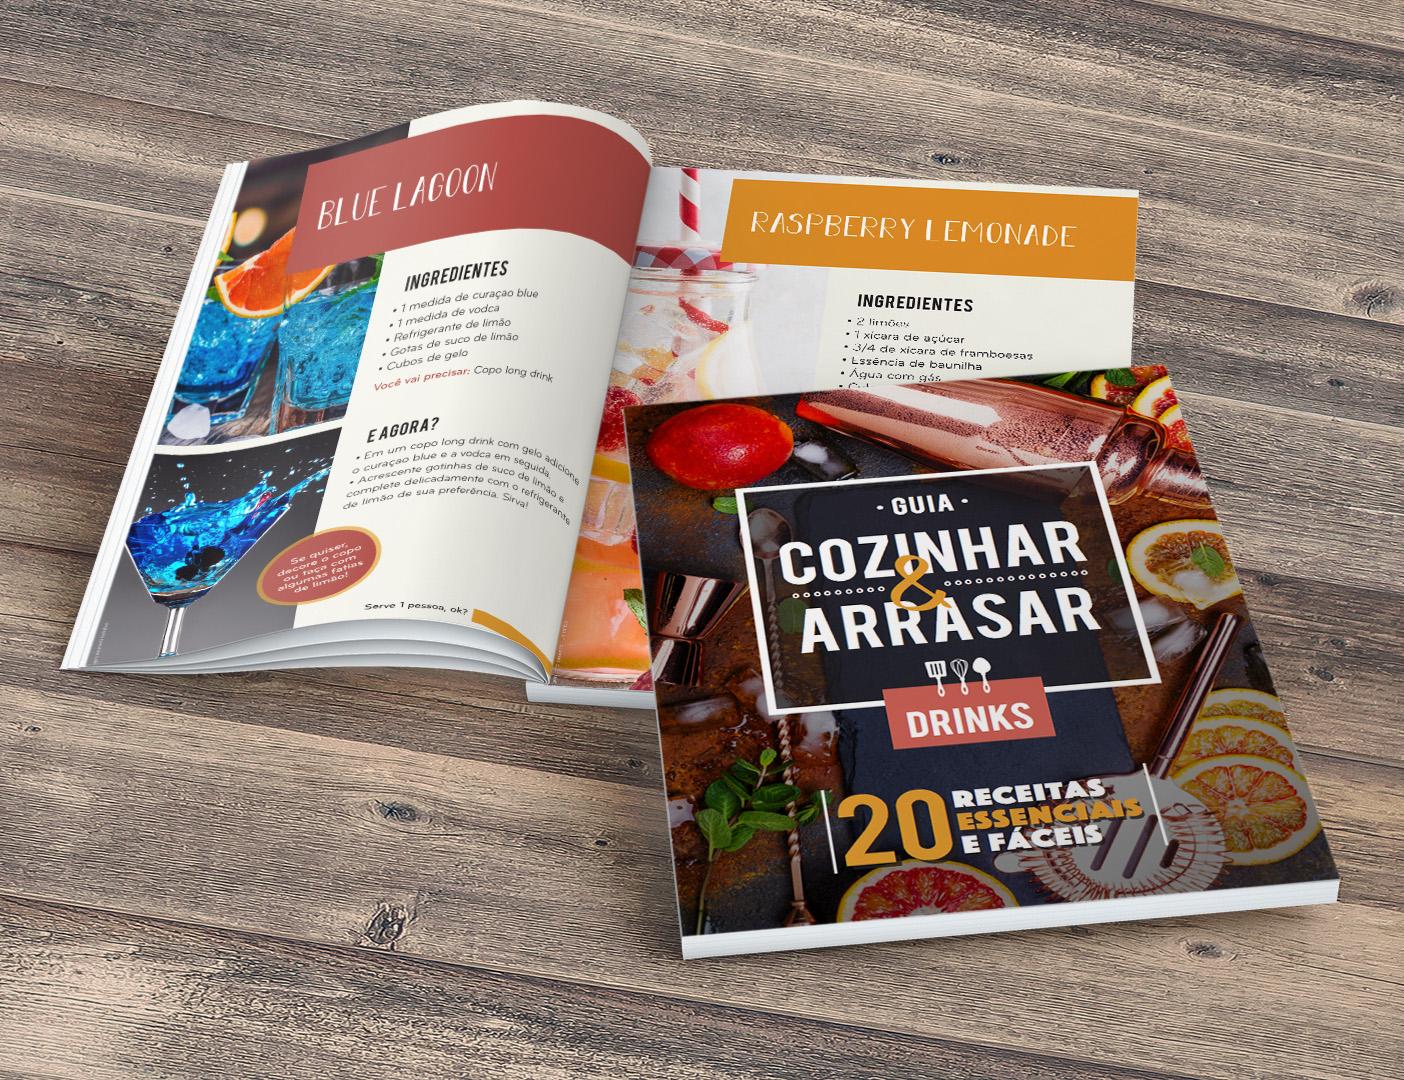 Guia Cozinhar & Arrasar - DRINKS